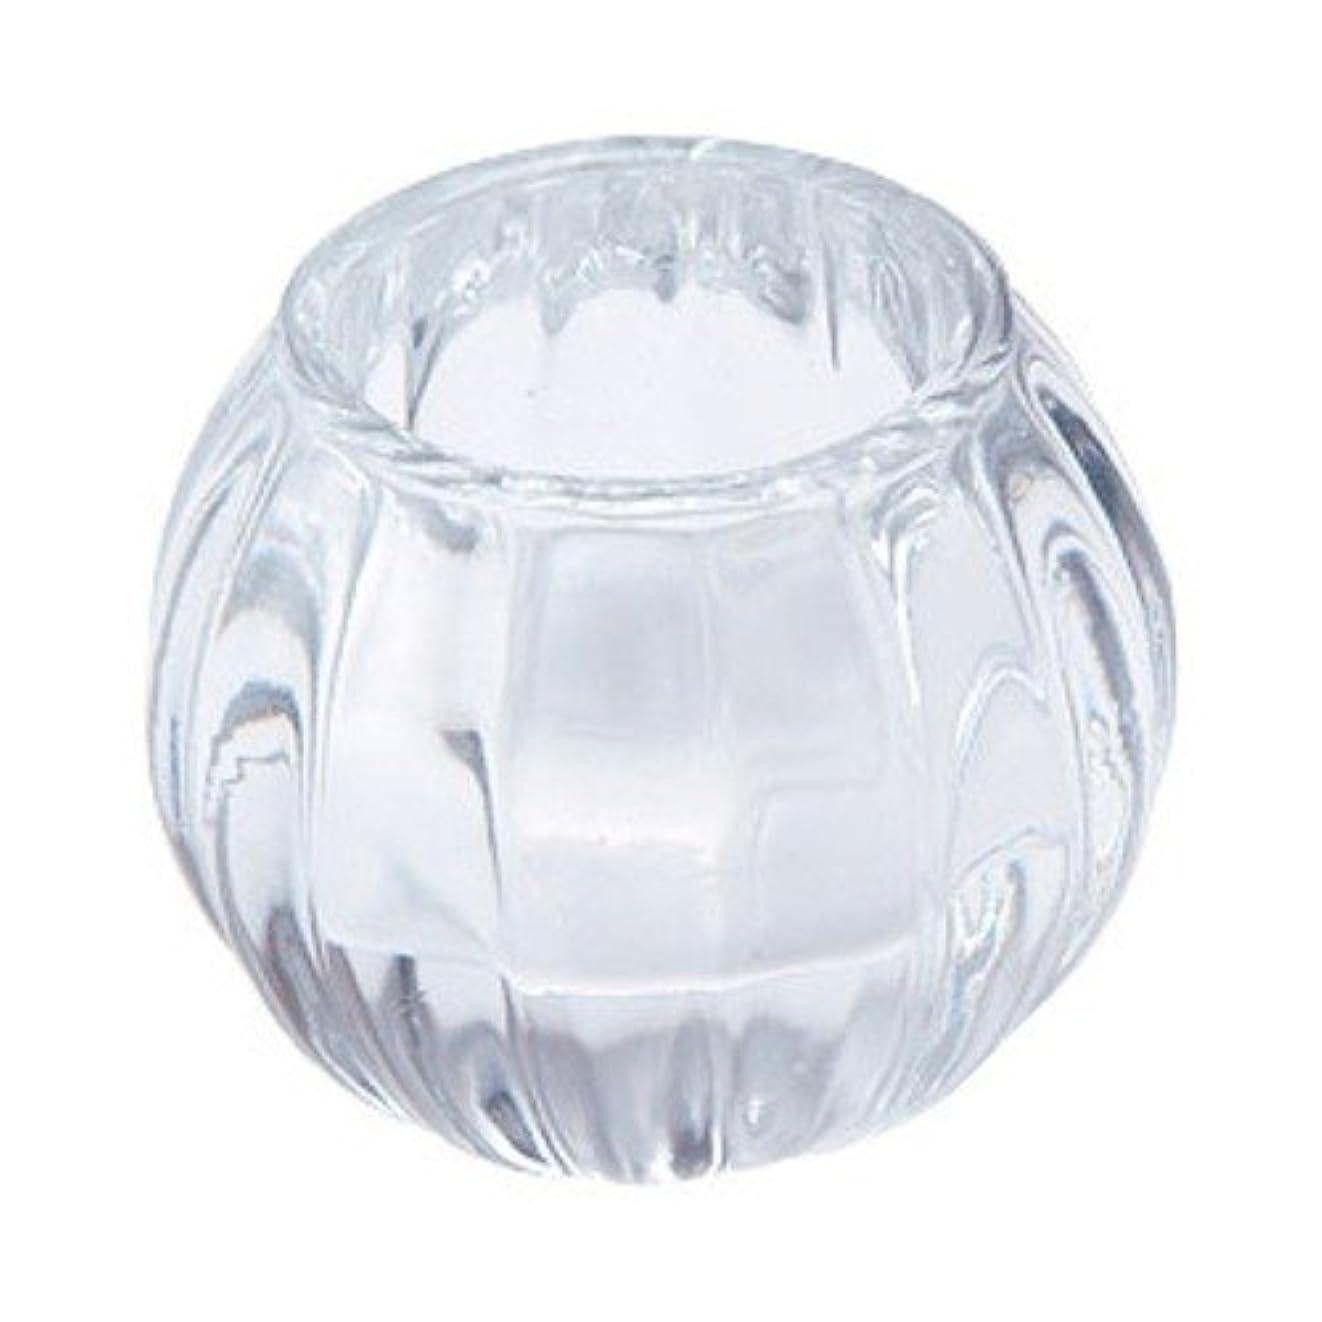 組み合わせお願いします巨大なペガサス キャンドルグラス スクワッシュ